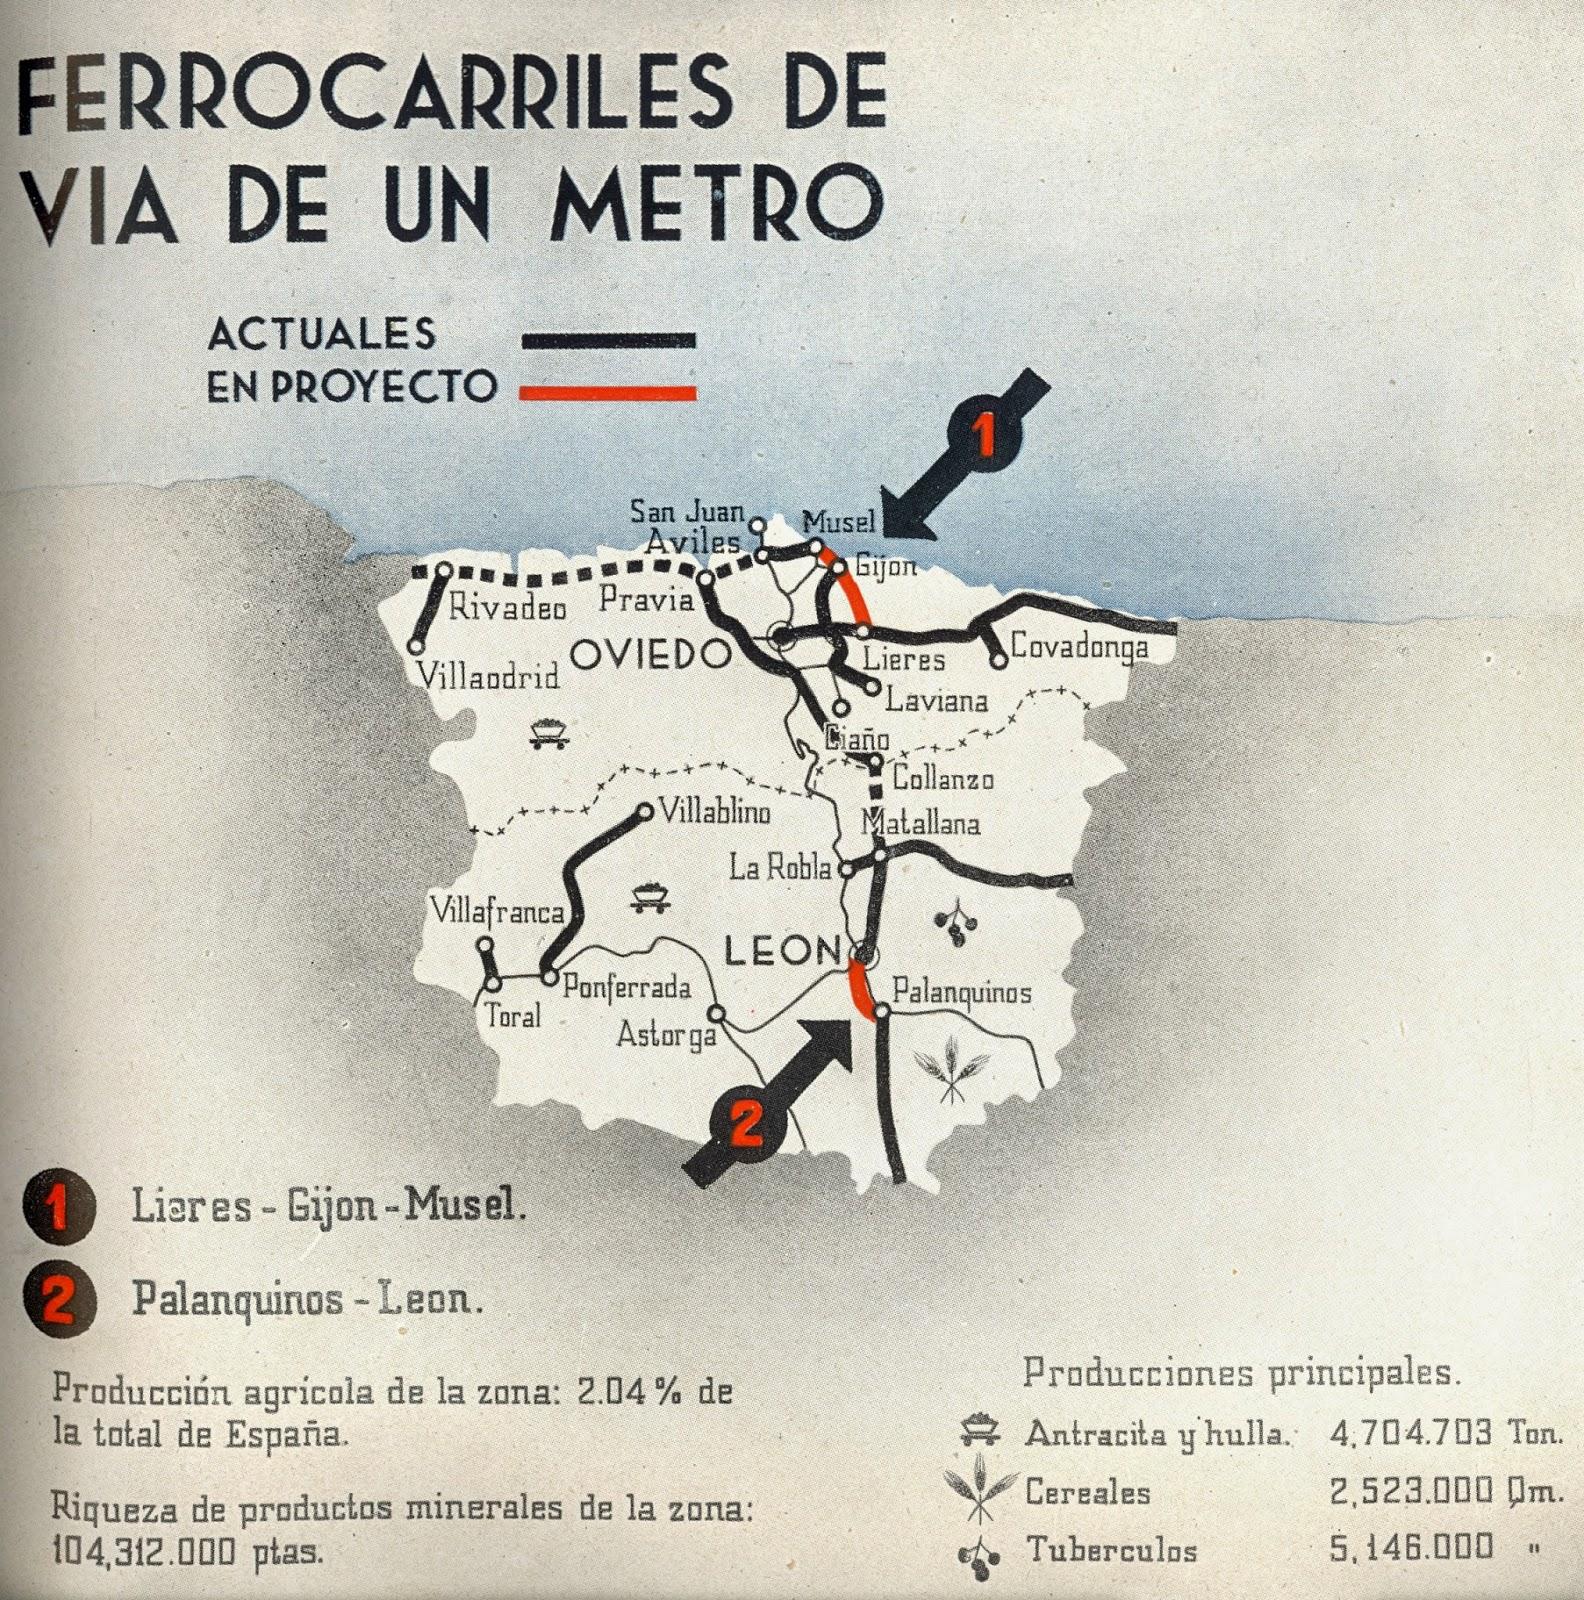 Plan de enlaces ferroviarios de Via estrecha de 1942, Memorias de EFE